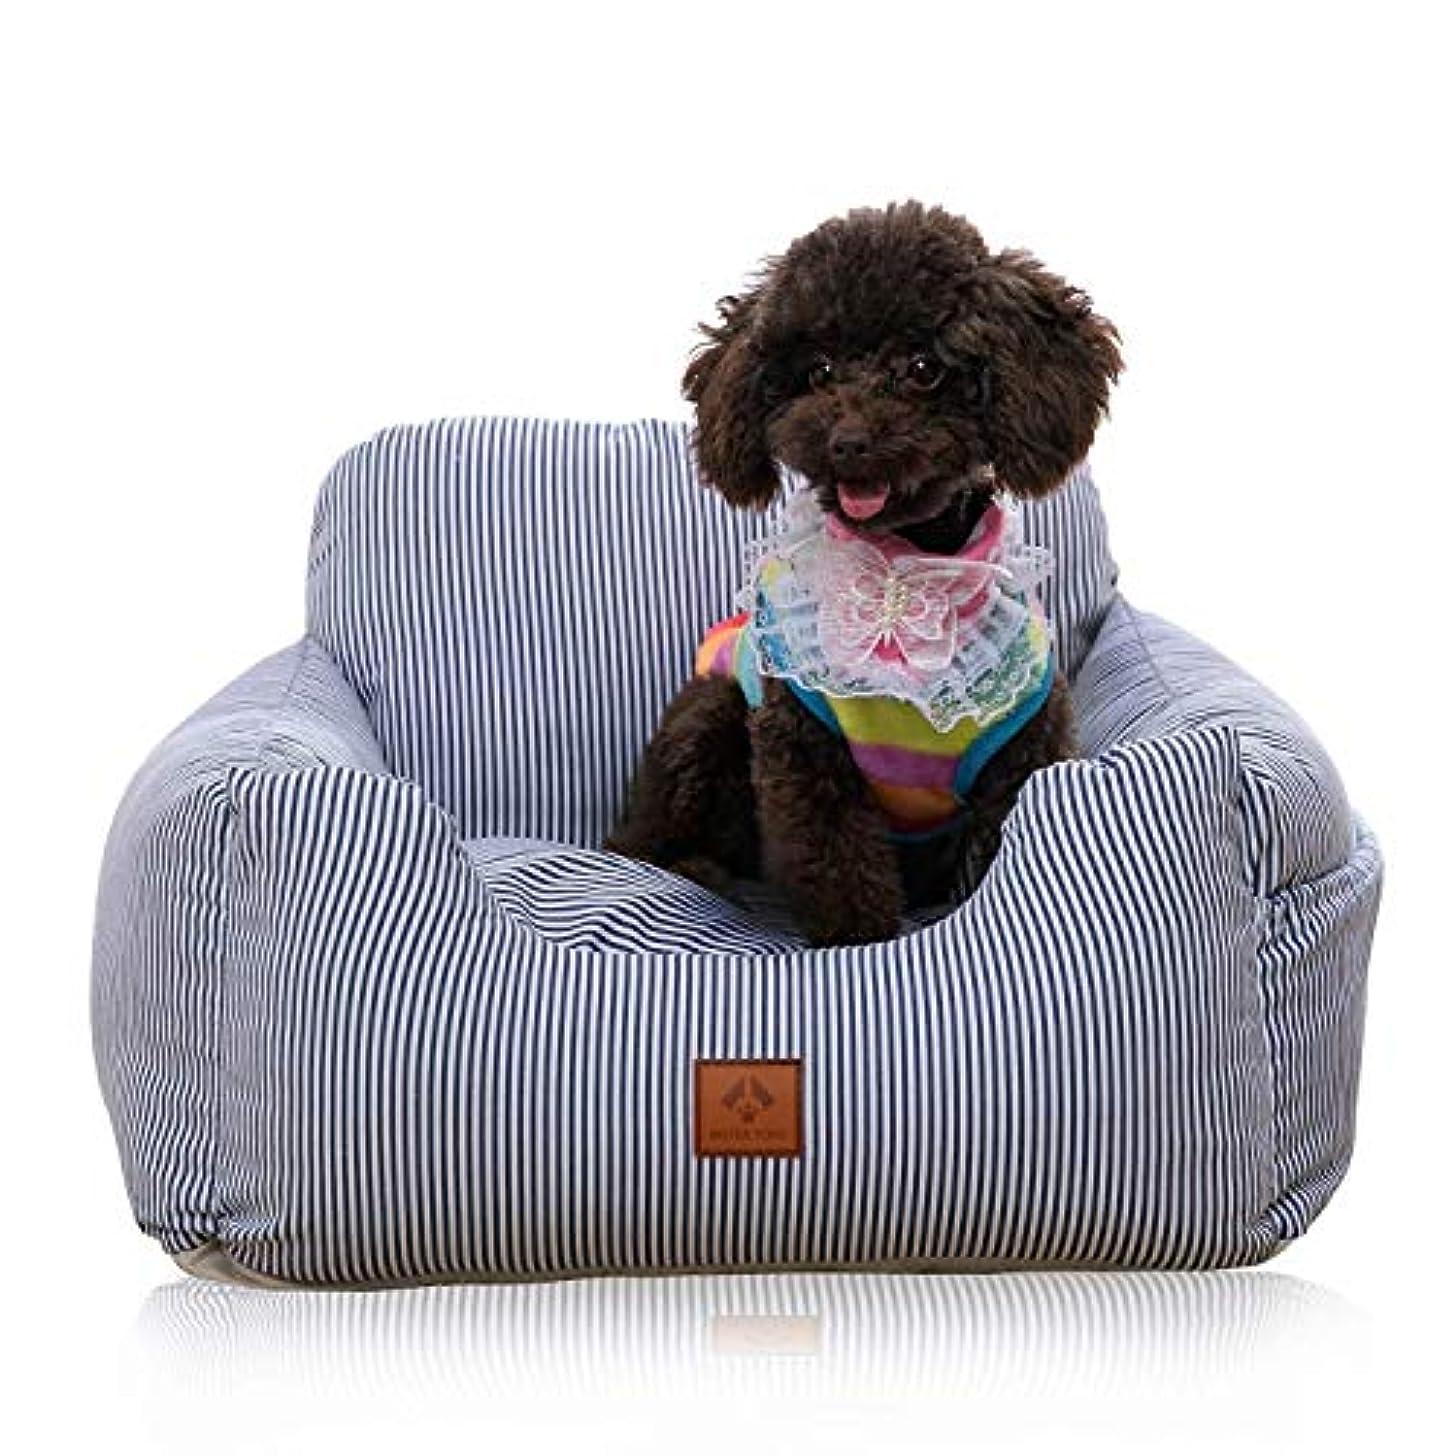 克服する付き添い人エリートJSFQ 犬用カーシート、車用犬ブースターシート/小中型犬と猫用のペットペットキャリアキャリアプロテクターカバー、最大30ポンドのシートベルト付き (Color : D)